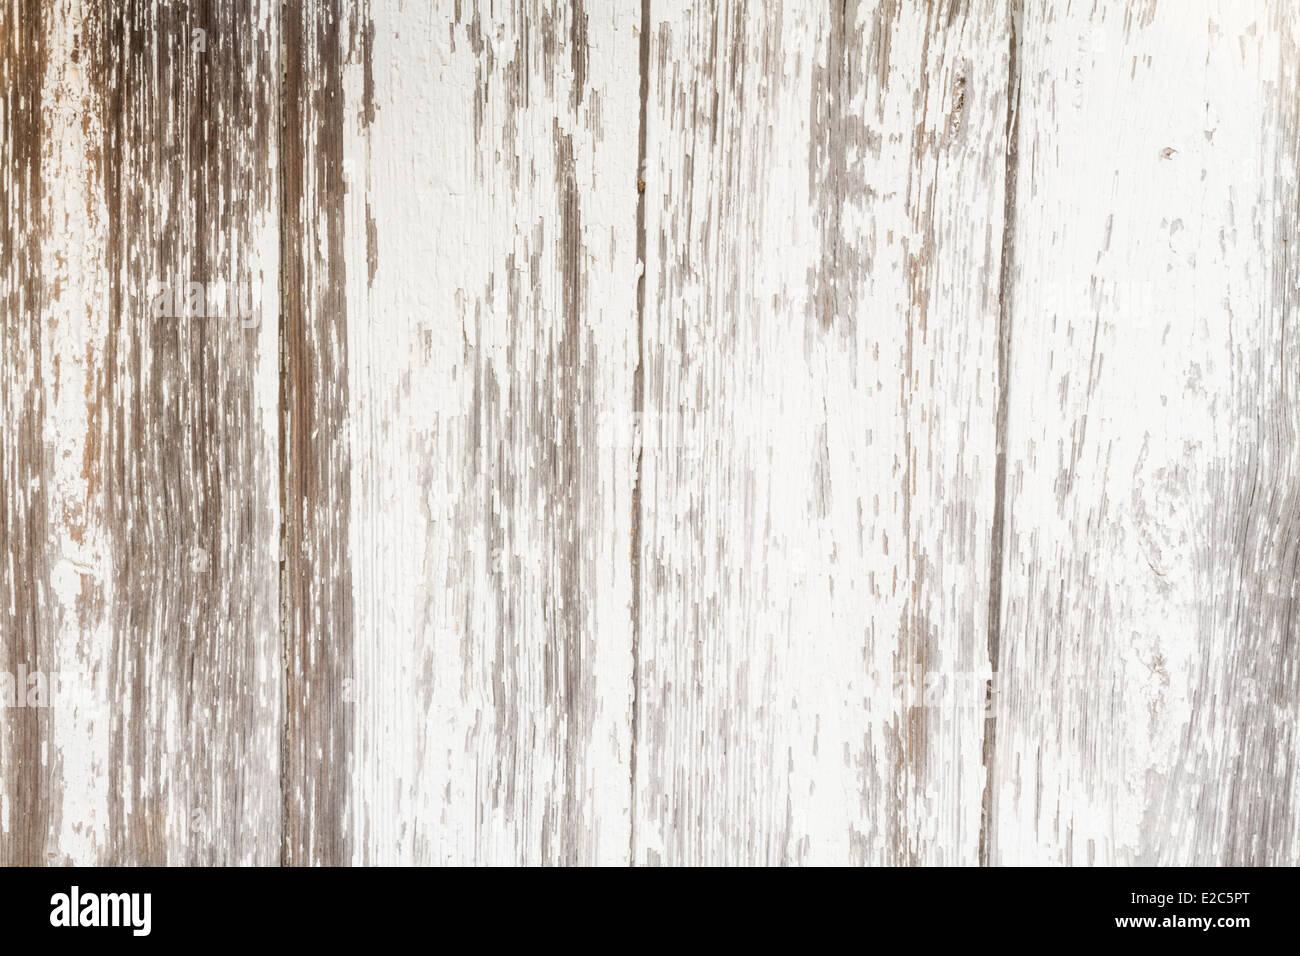 Im Alter von Platten aus einem alten Schuppen. Stockbild